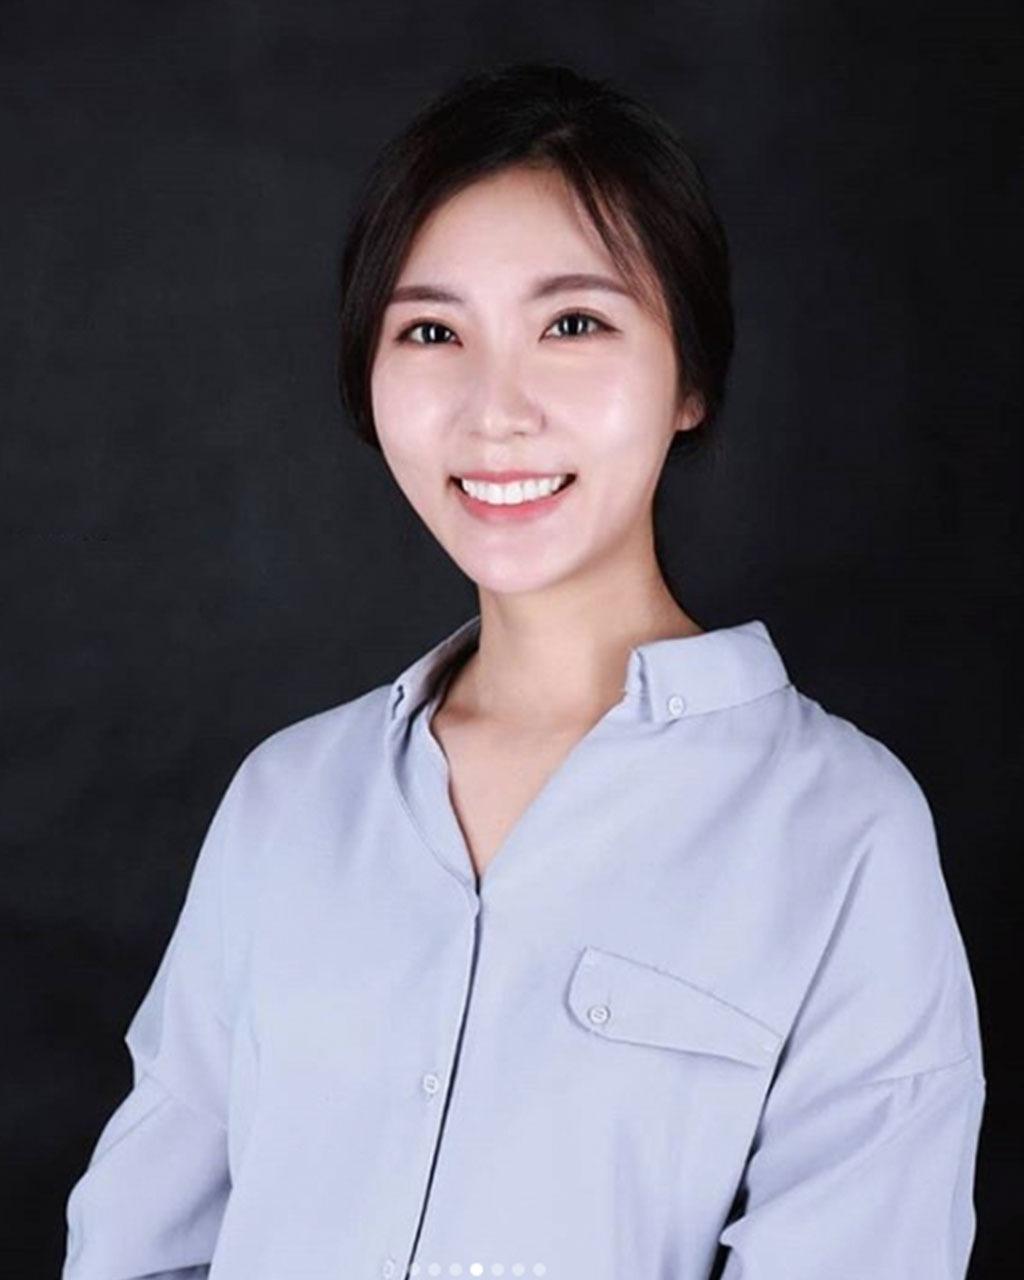 陶瓷貼片-DSD數位微笑設計-舊牙齒貼片破損替換-牙齒染色-台中牙齒美白貼片推薦-吳國綸醫師